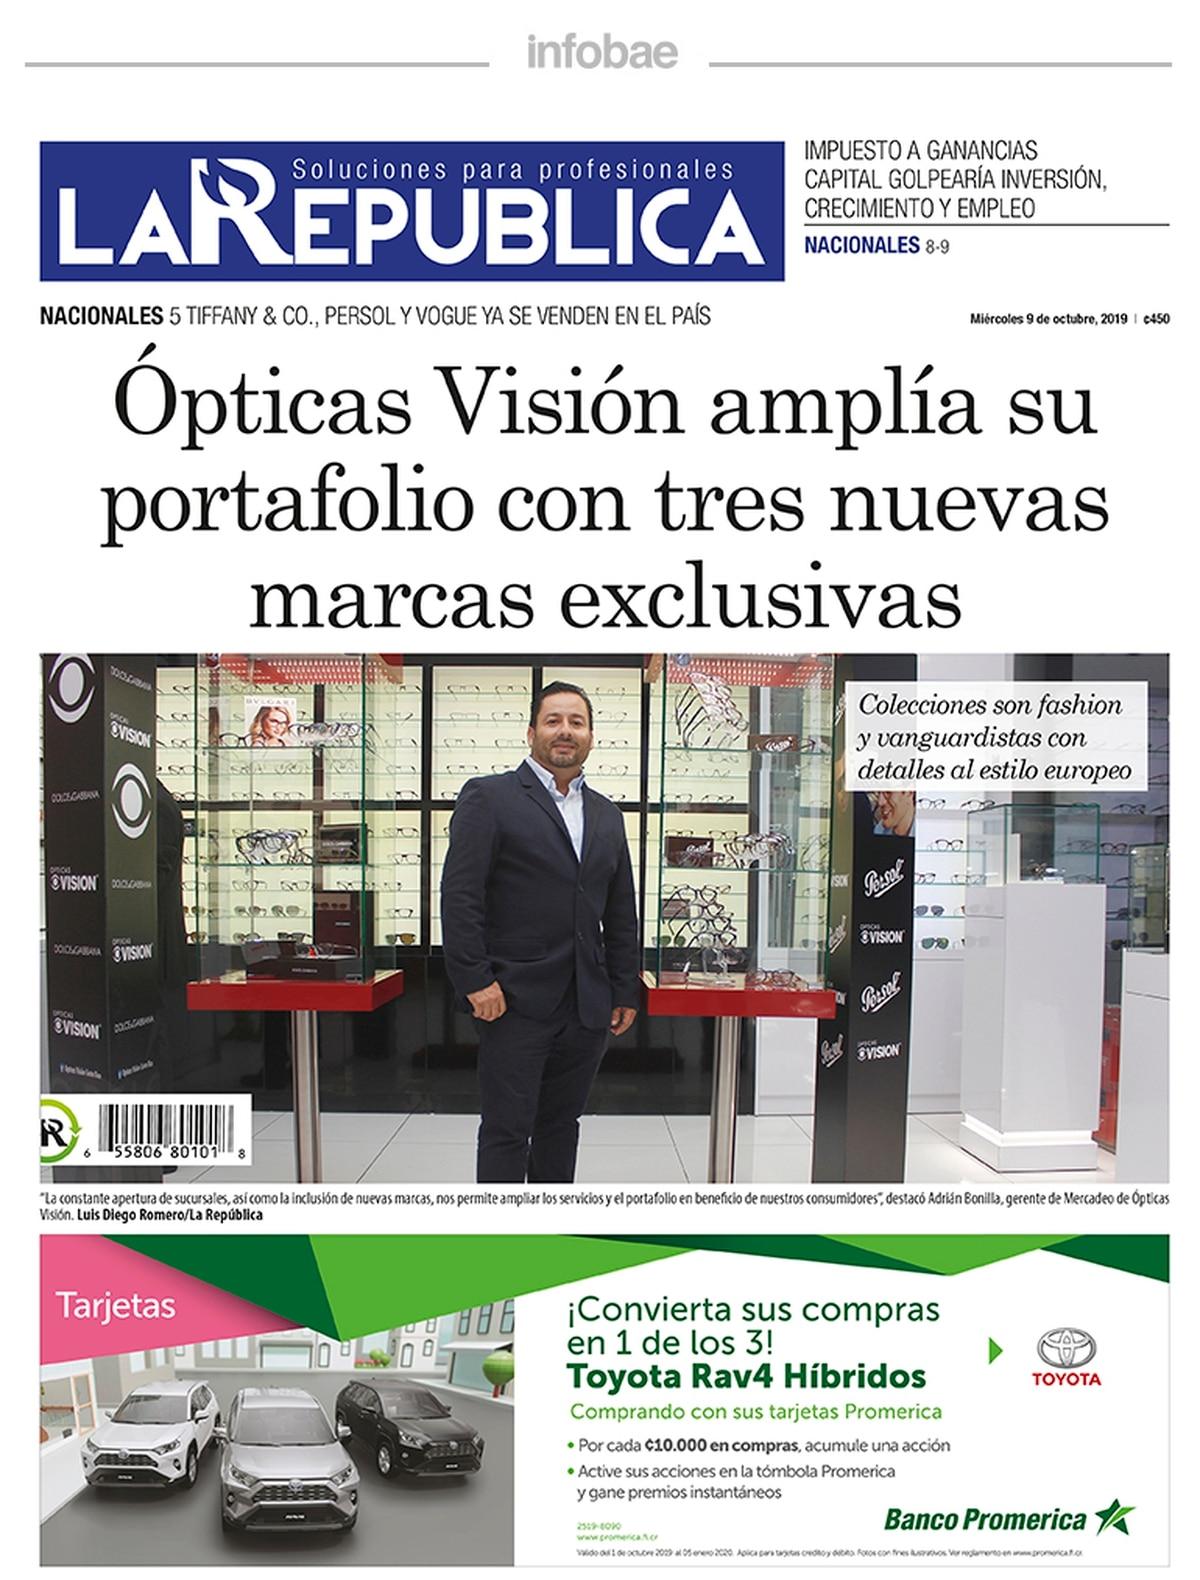 La republica – Costa Rica – 9 de Octubre de 2019